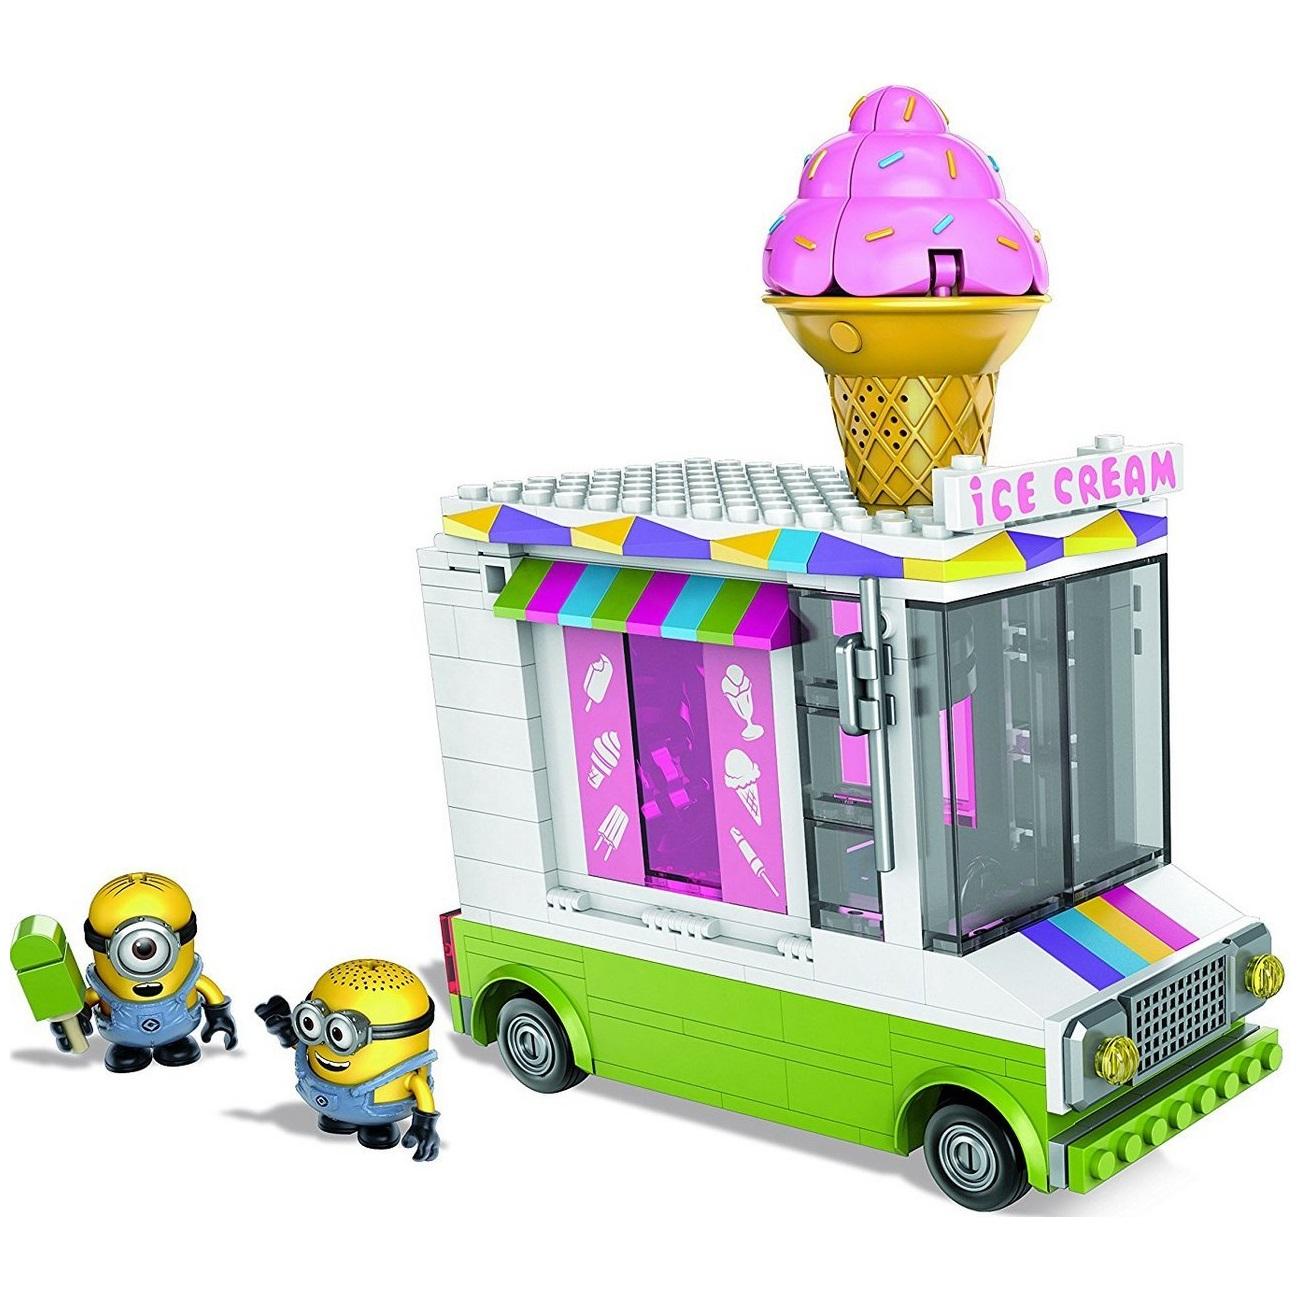 Фургончик с мороженым из серии МиньоныМиньоны<br>Фургончик с мороженым из серии Миньоны<br>